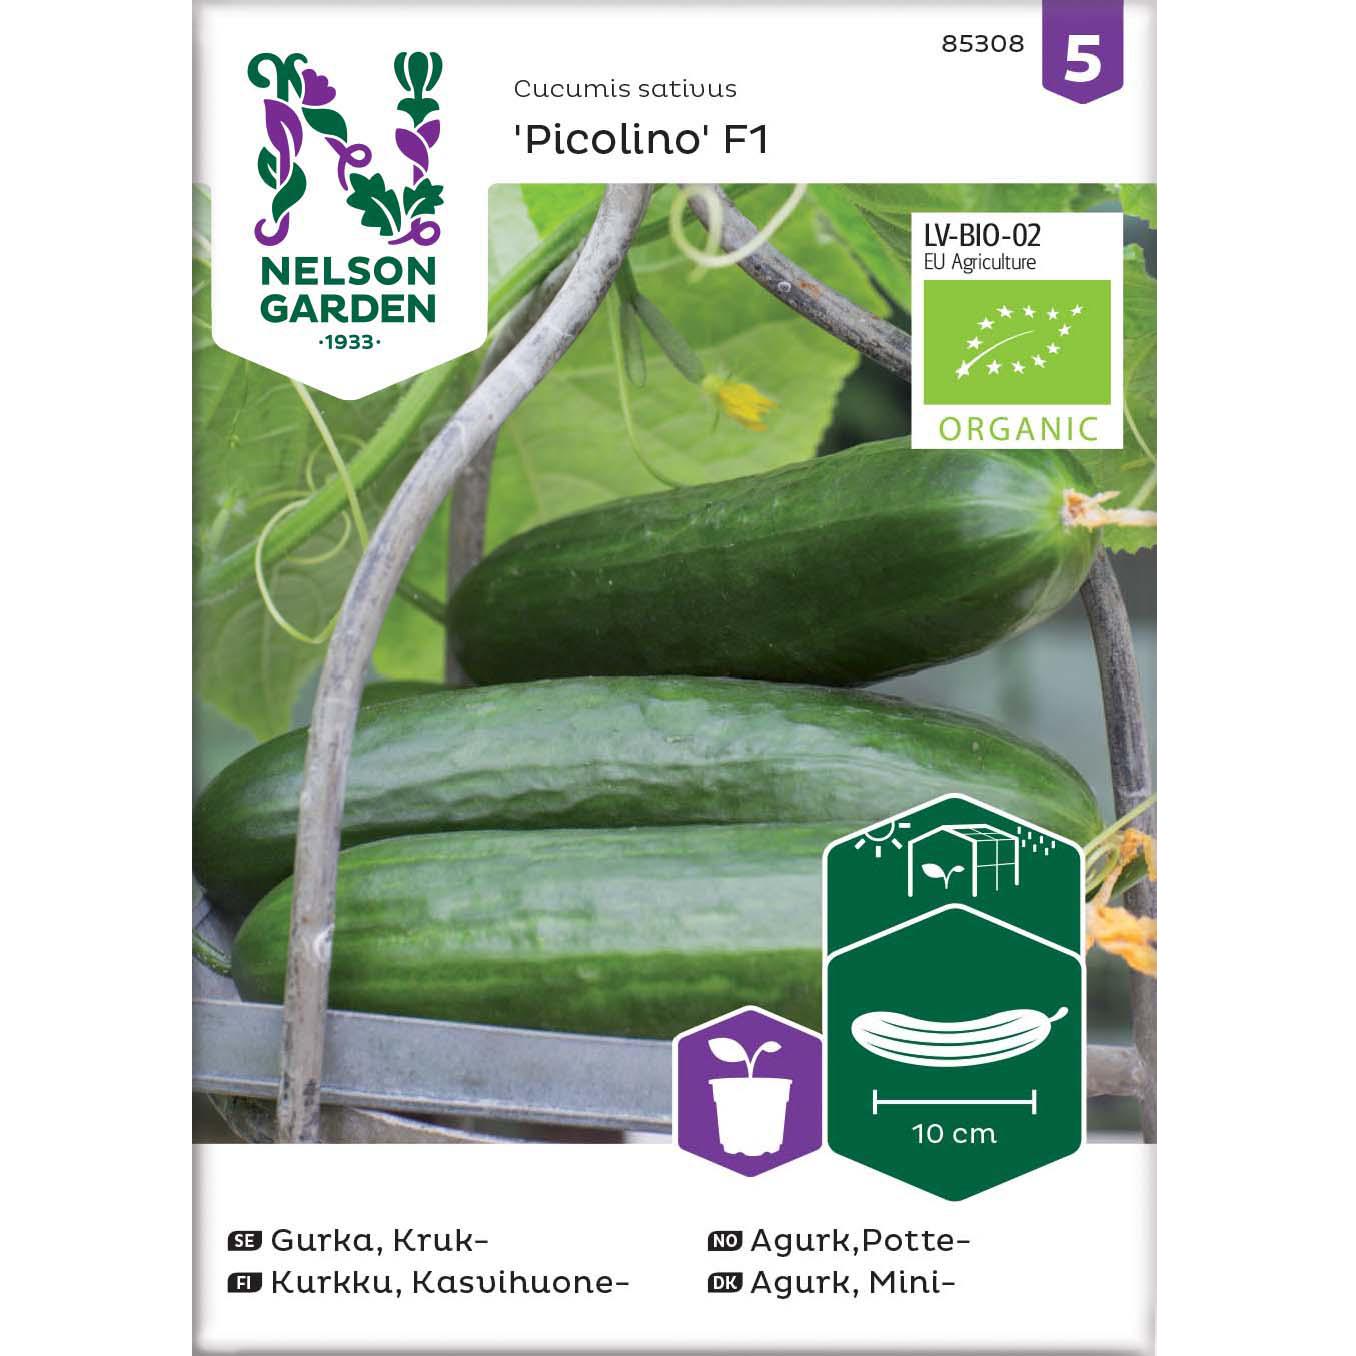 Agurk, Mini-, Picolino F1, Organic